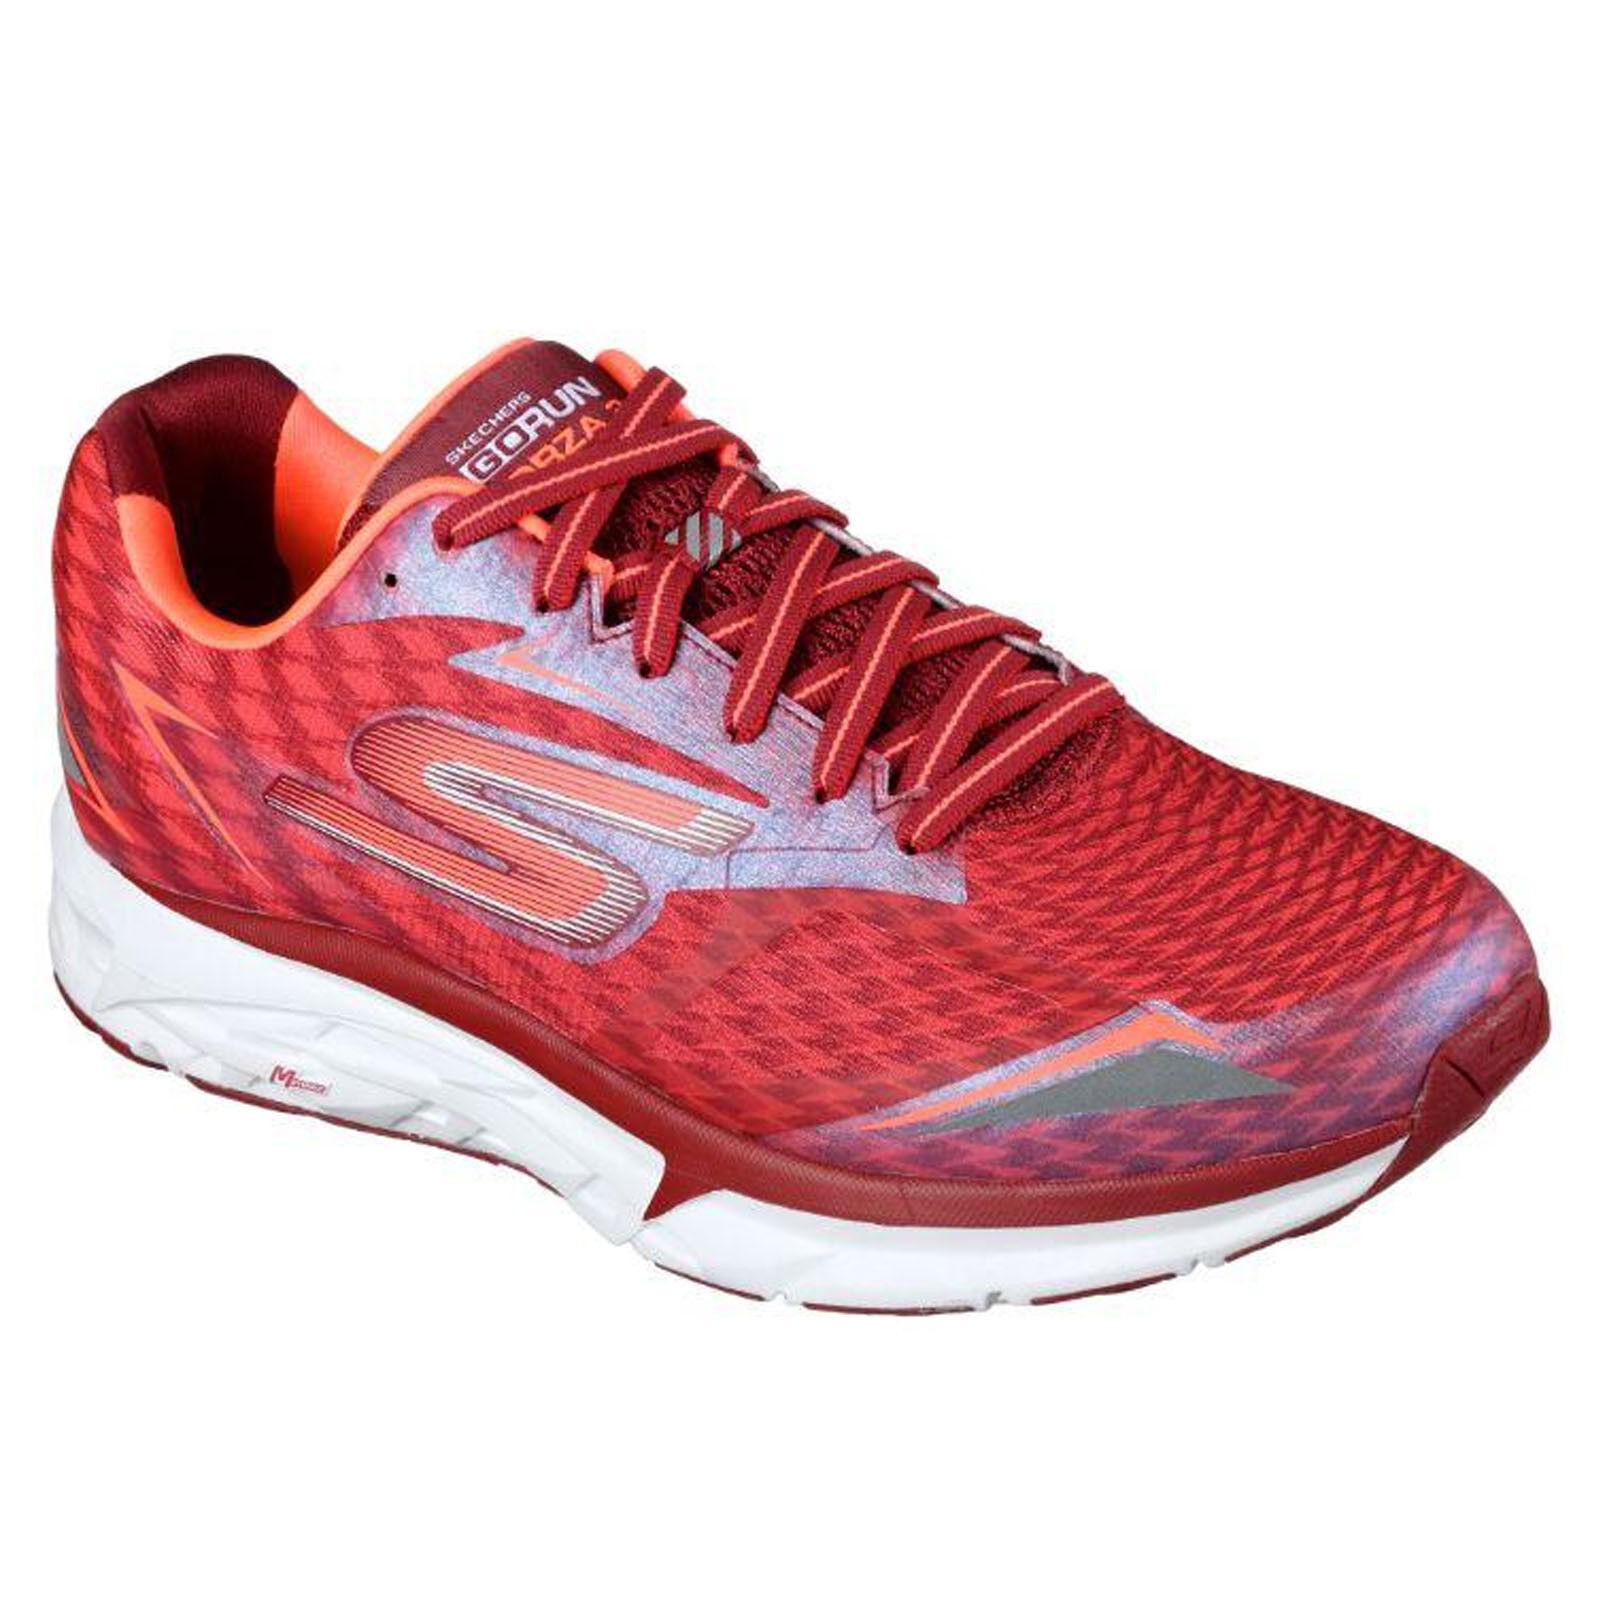 4d2e7ea422f Skechers GoRun Forza 2 Trainers Mens Sports Running Memory Foam Training  Shoes